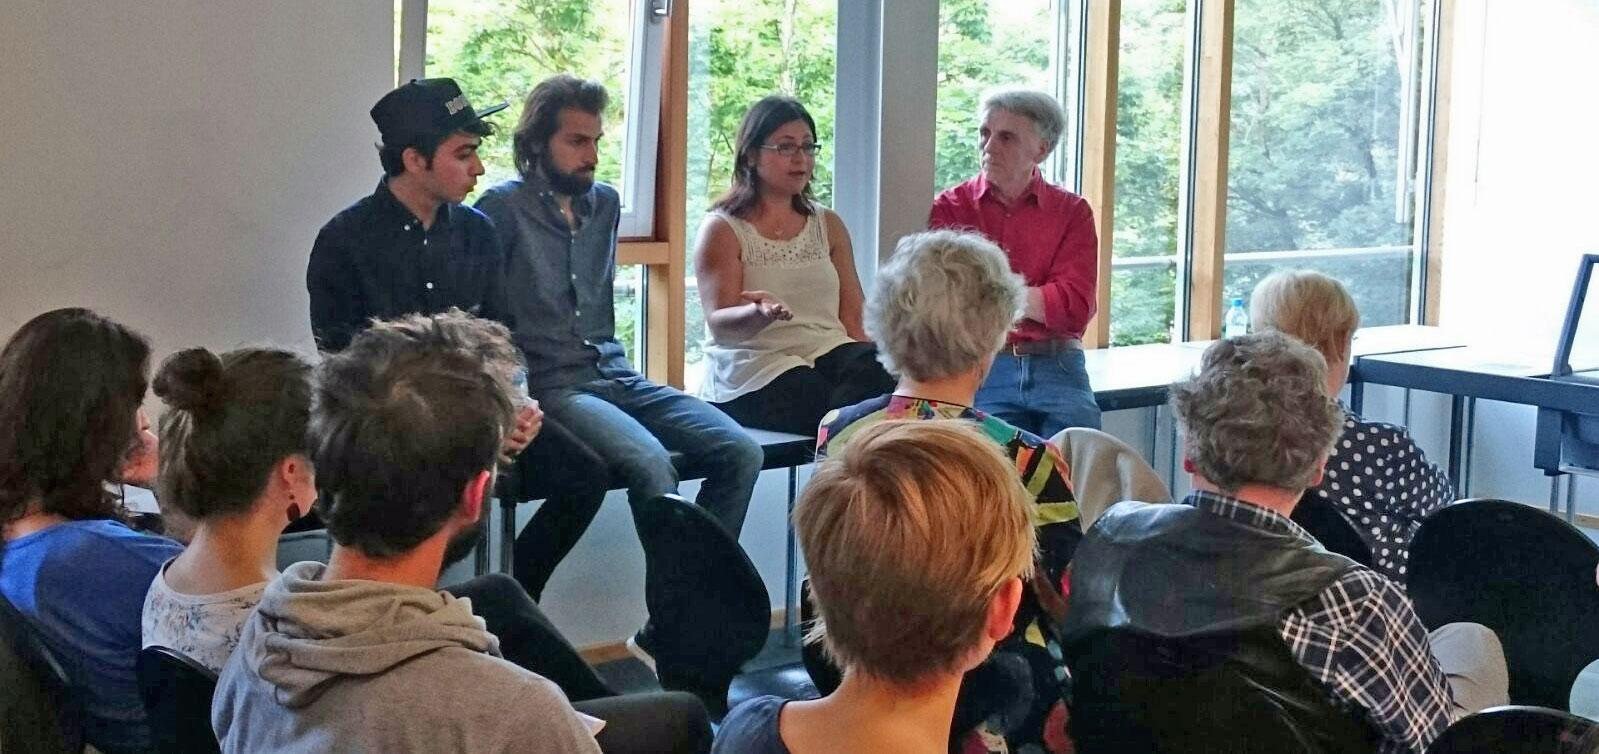 Vortrag und Diskussion – Flüchtlingssituation: lokal und global